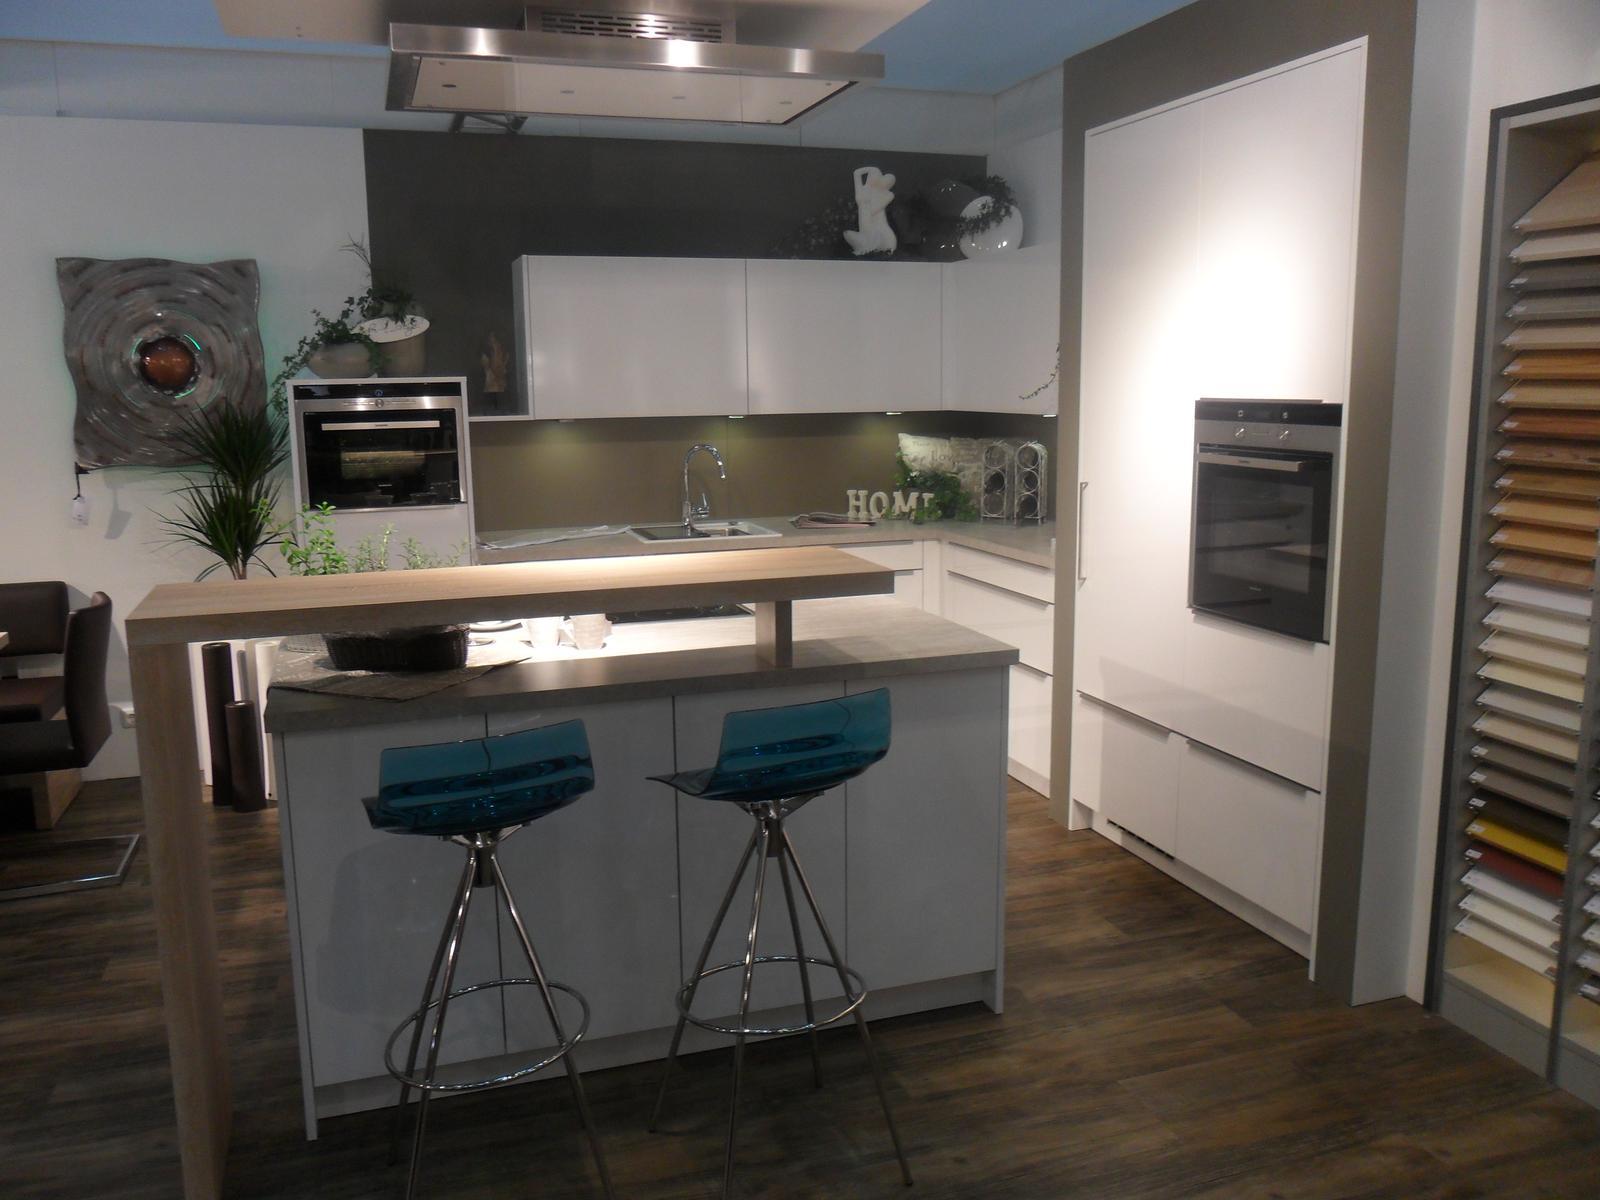 Výstava nábytku Viedeň - kuchyne - Obrázok č. 48